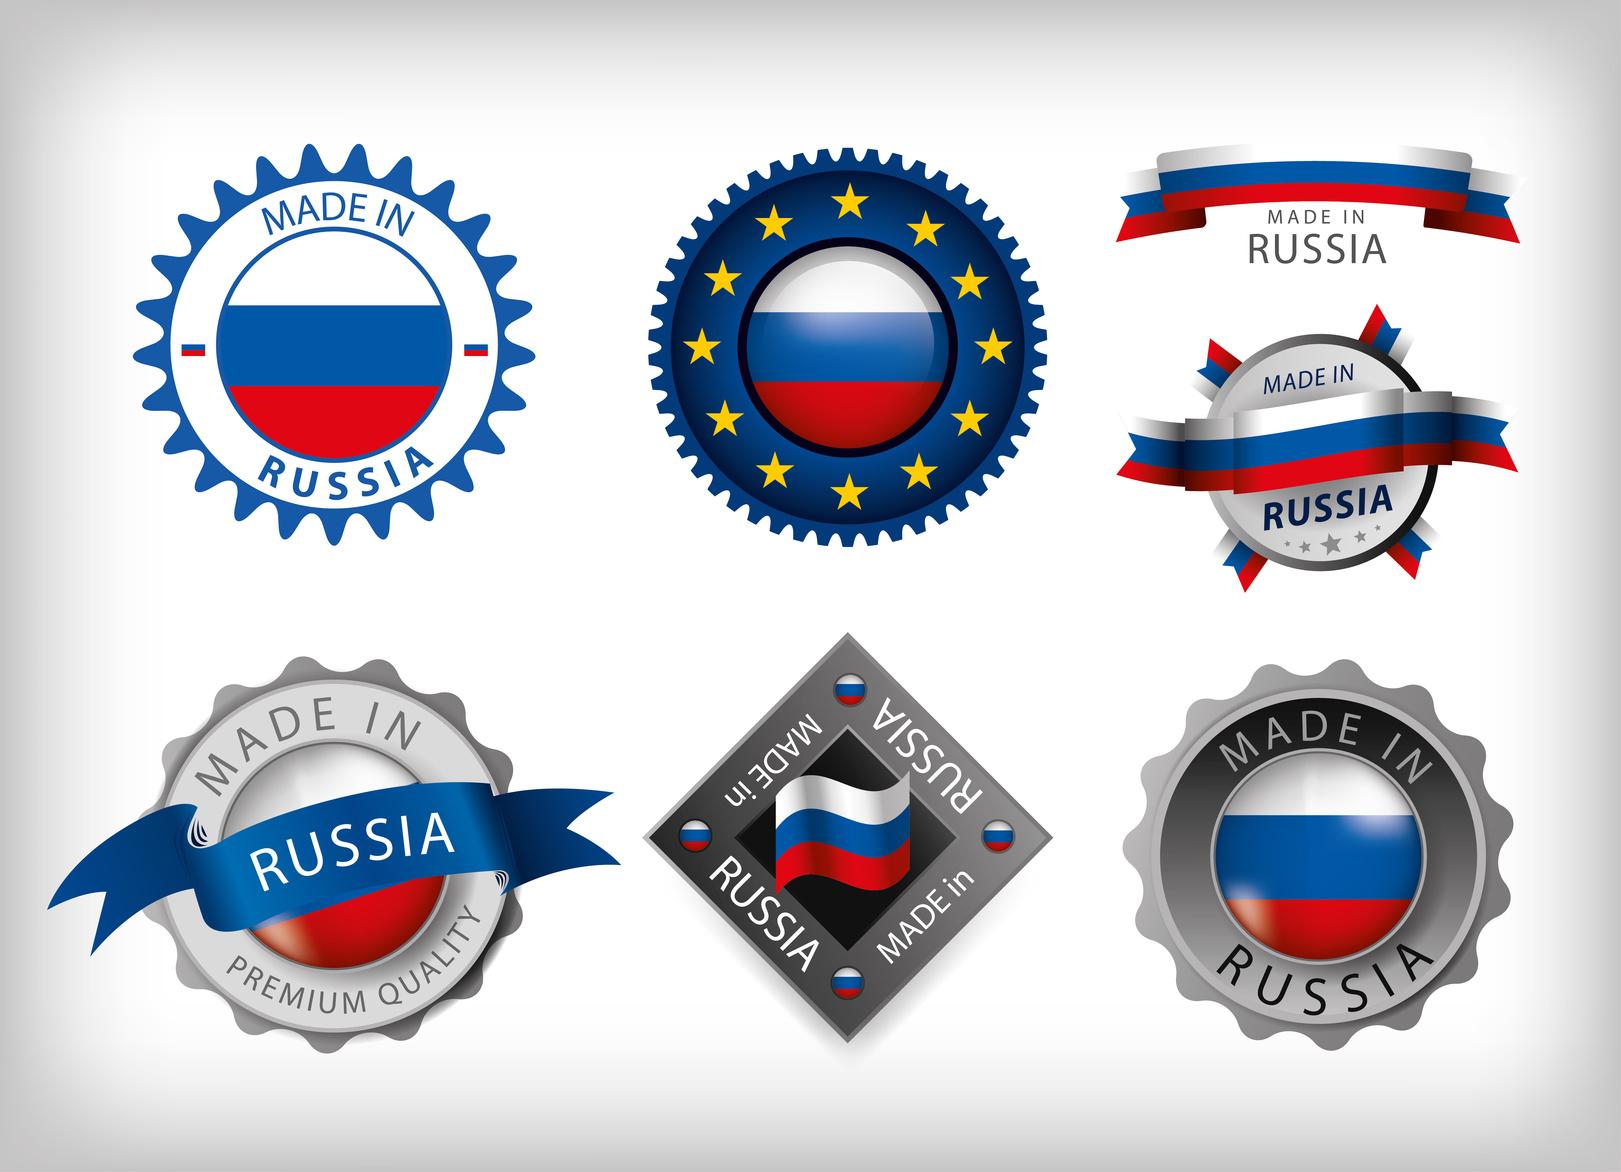 Виробники атракціонів у Росії